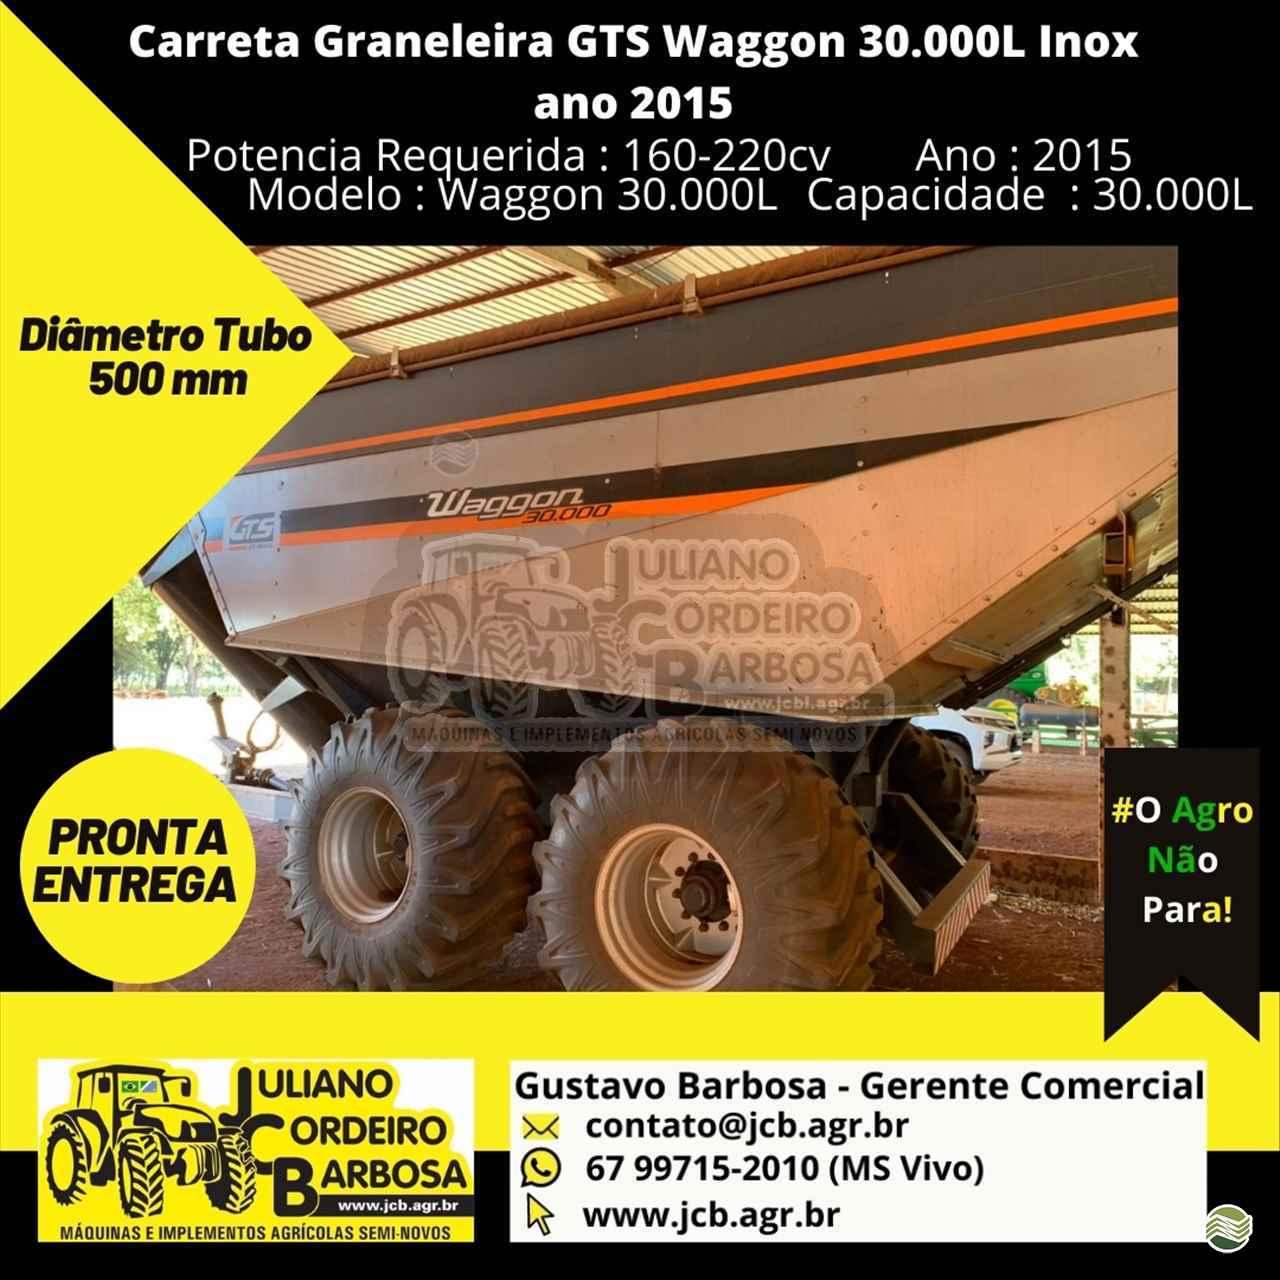 IMPLEMENTOS AGRICOLAS CARRETA BAZUKA GRANELEIRA 30000 JCB Máquinas e Implementos Agrícolas MARACAJU MATO GROSSO DO SUL MS